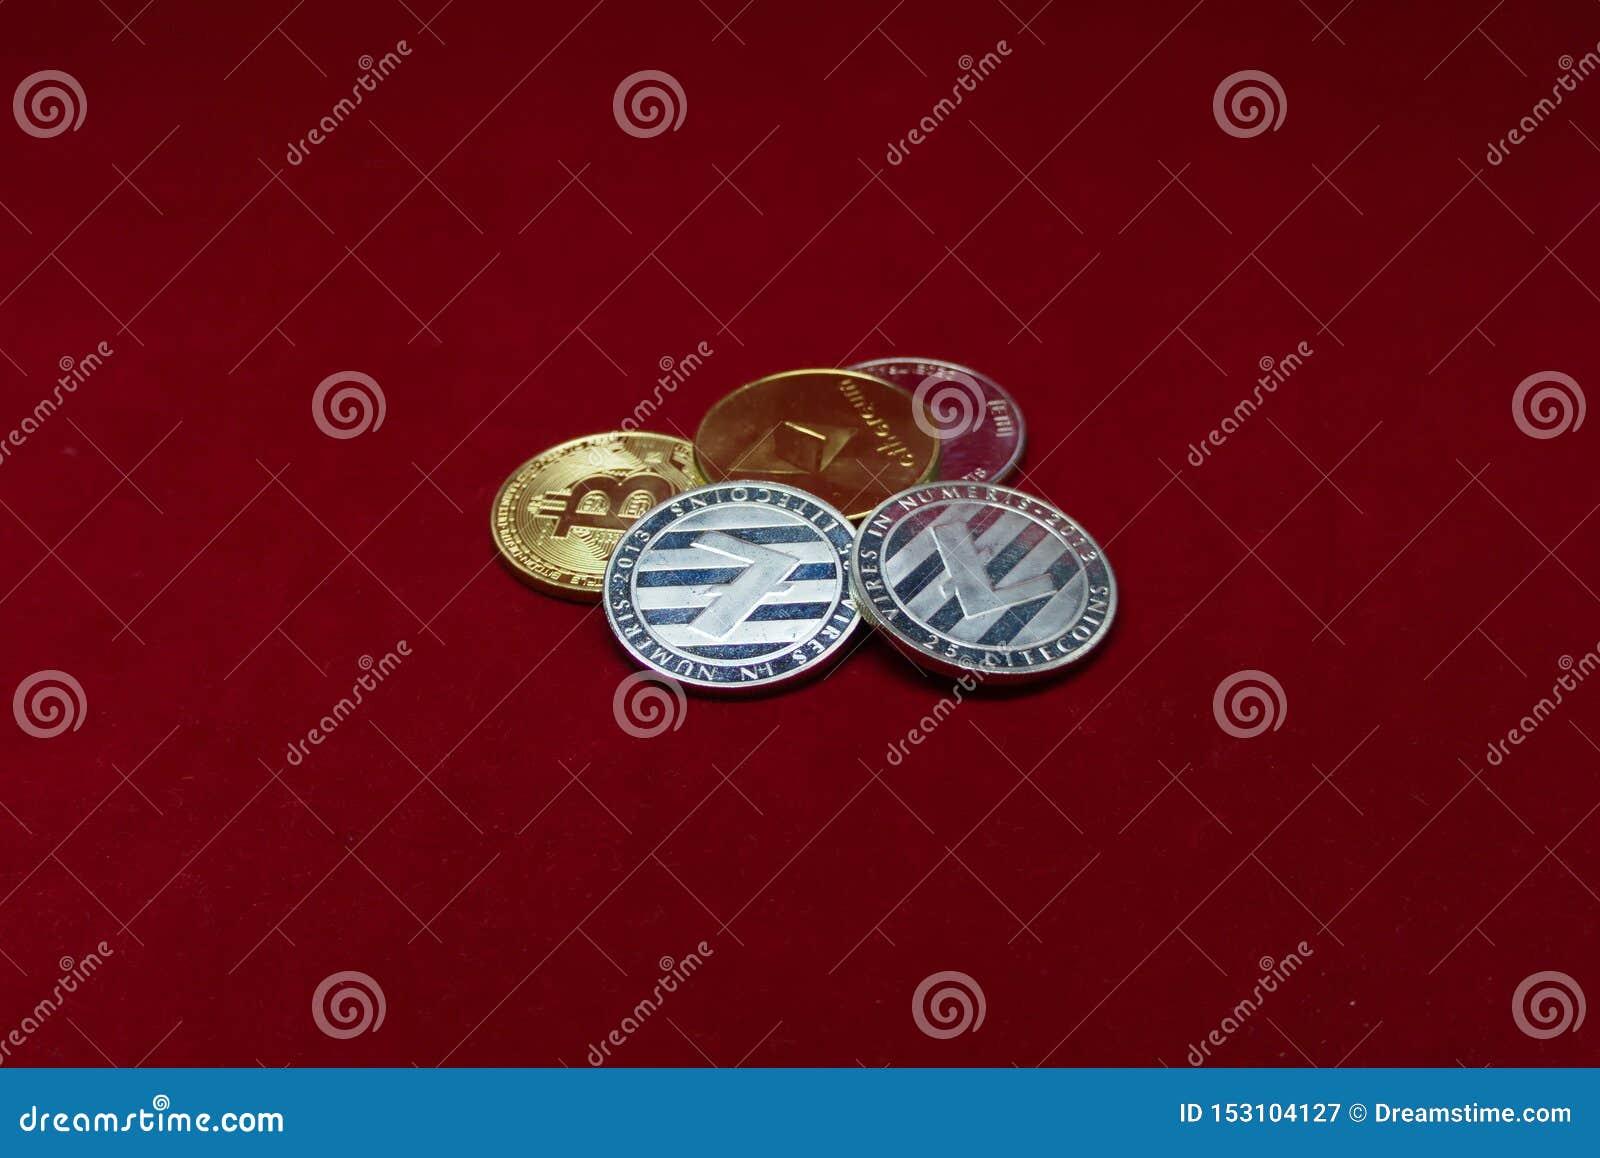 Собрание монеток cryptocurrency с litecoin во фронте и bitcoin и ethereum в задней части на красном бархате